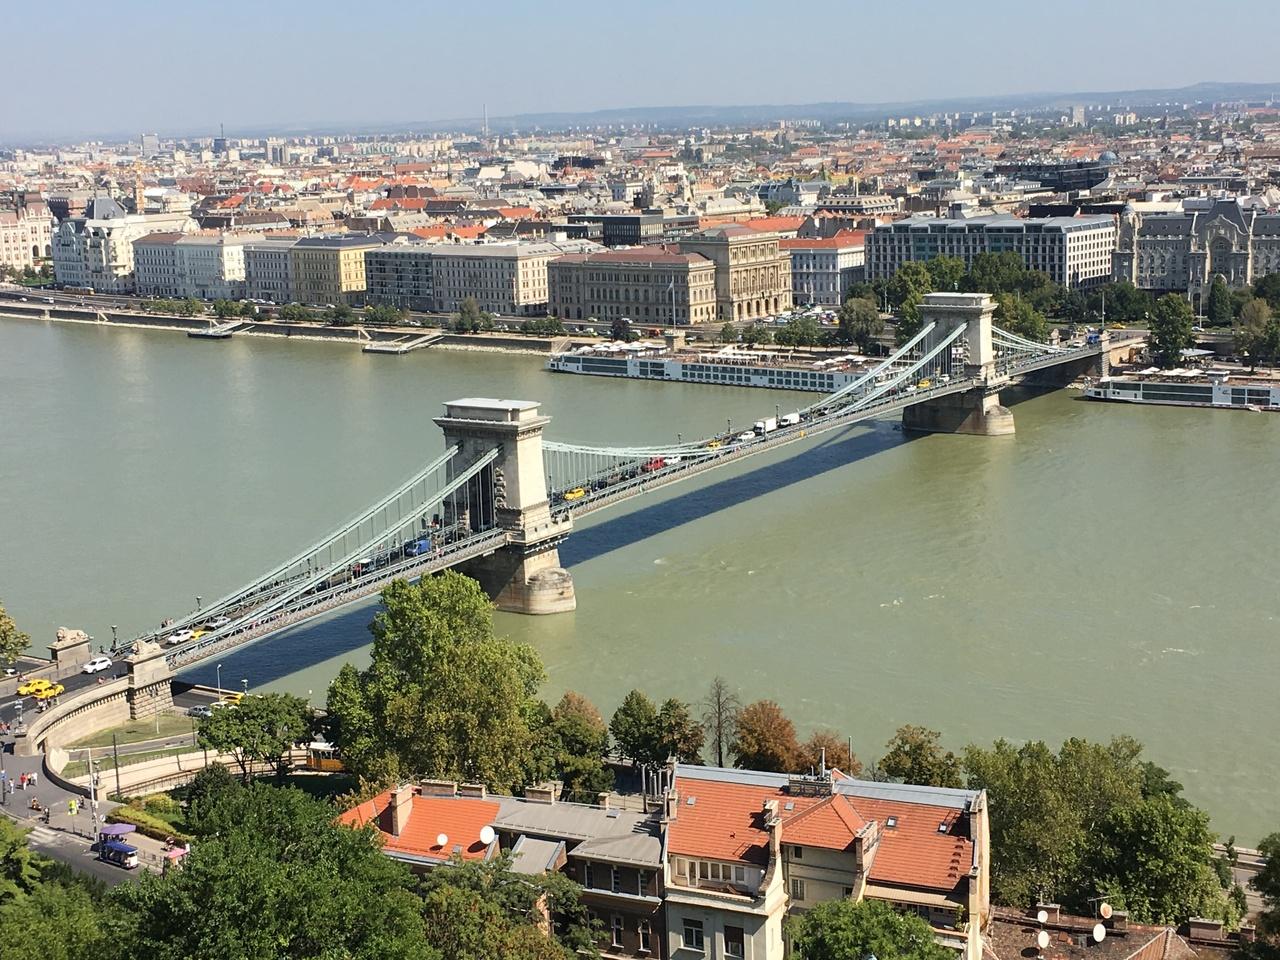 ブダペストのドナウ河岸とブダ城地区およびアンドラーシ通りの画像 p1_21